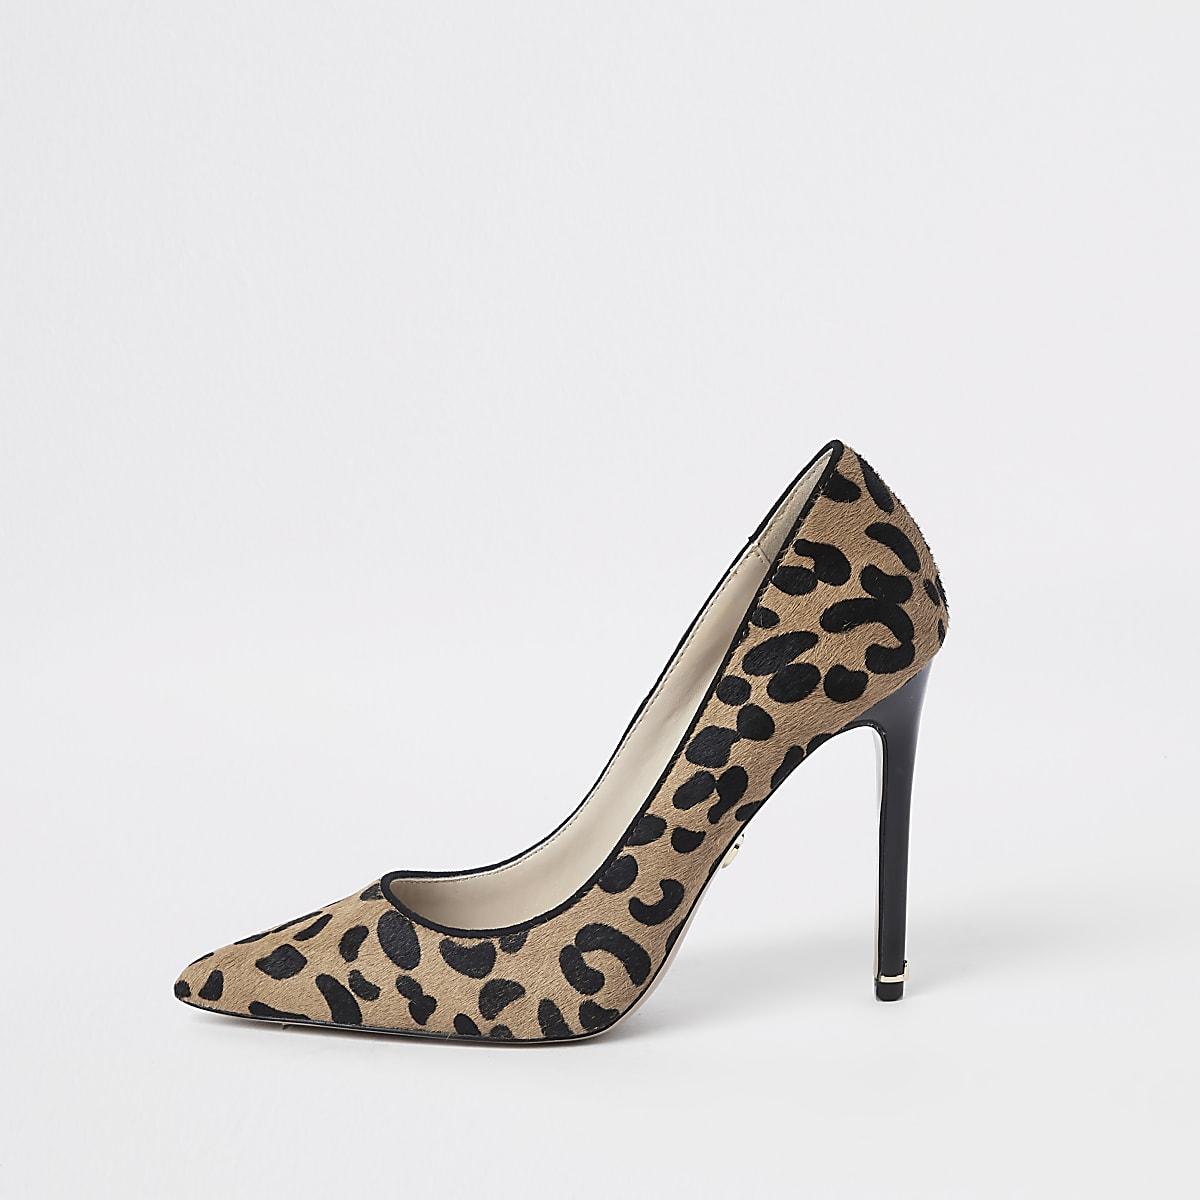 Bruine leren pumps met luipaardprint